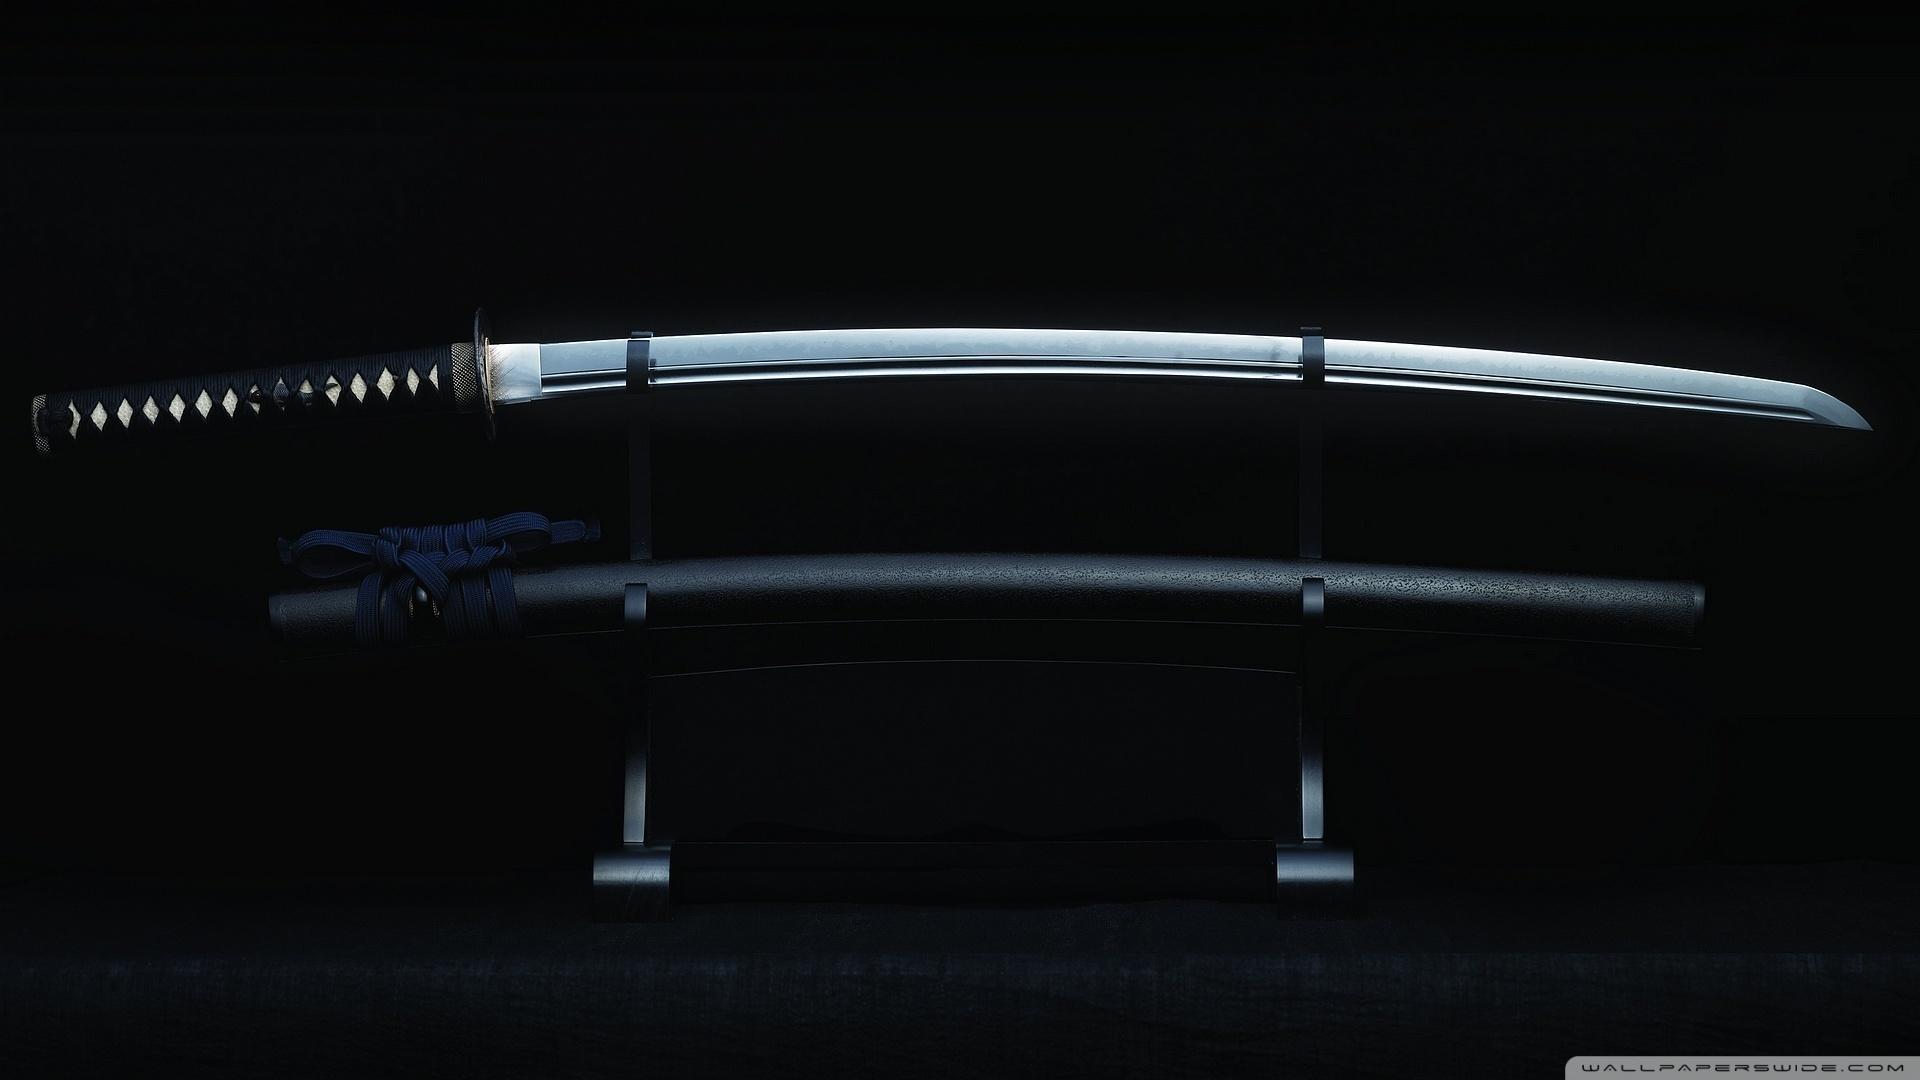 katana sword ❤ uhd desktop wallpaper for ultra hd 4k 8k • mobile